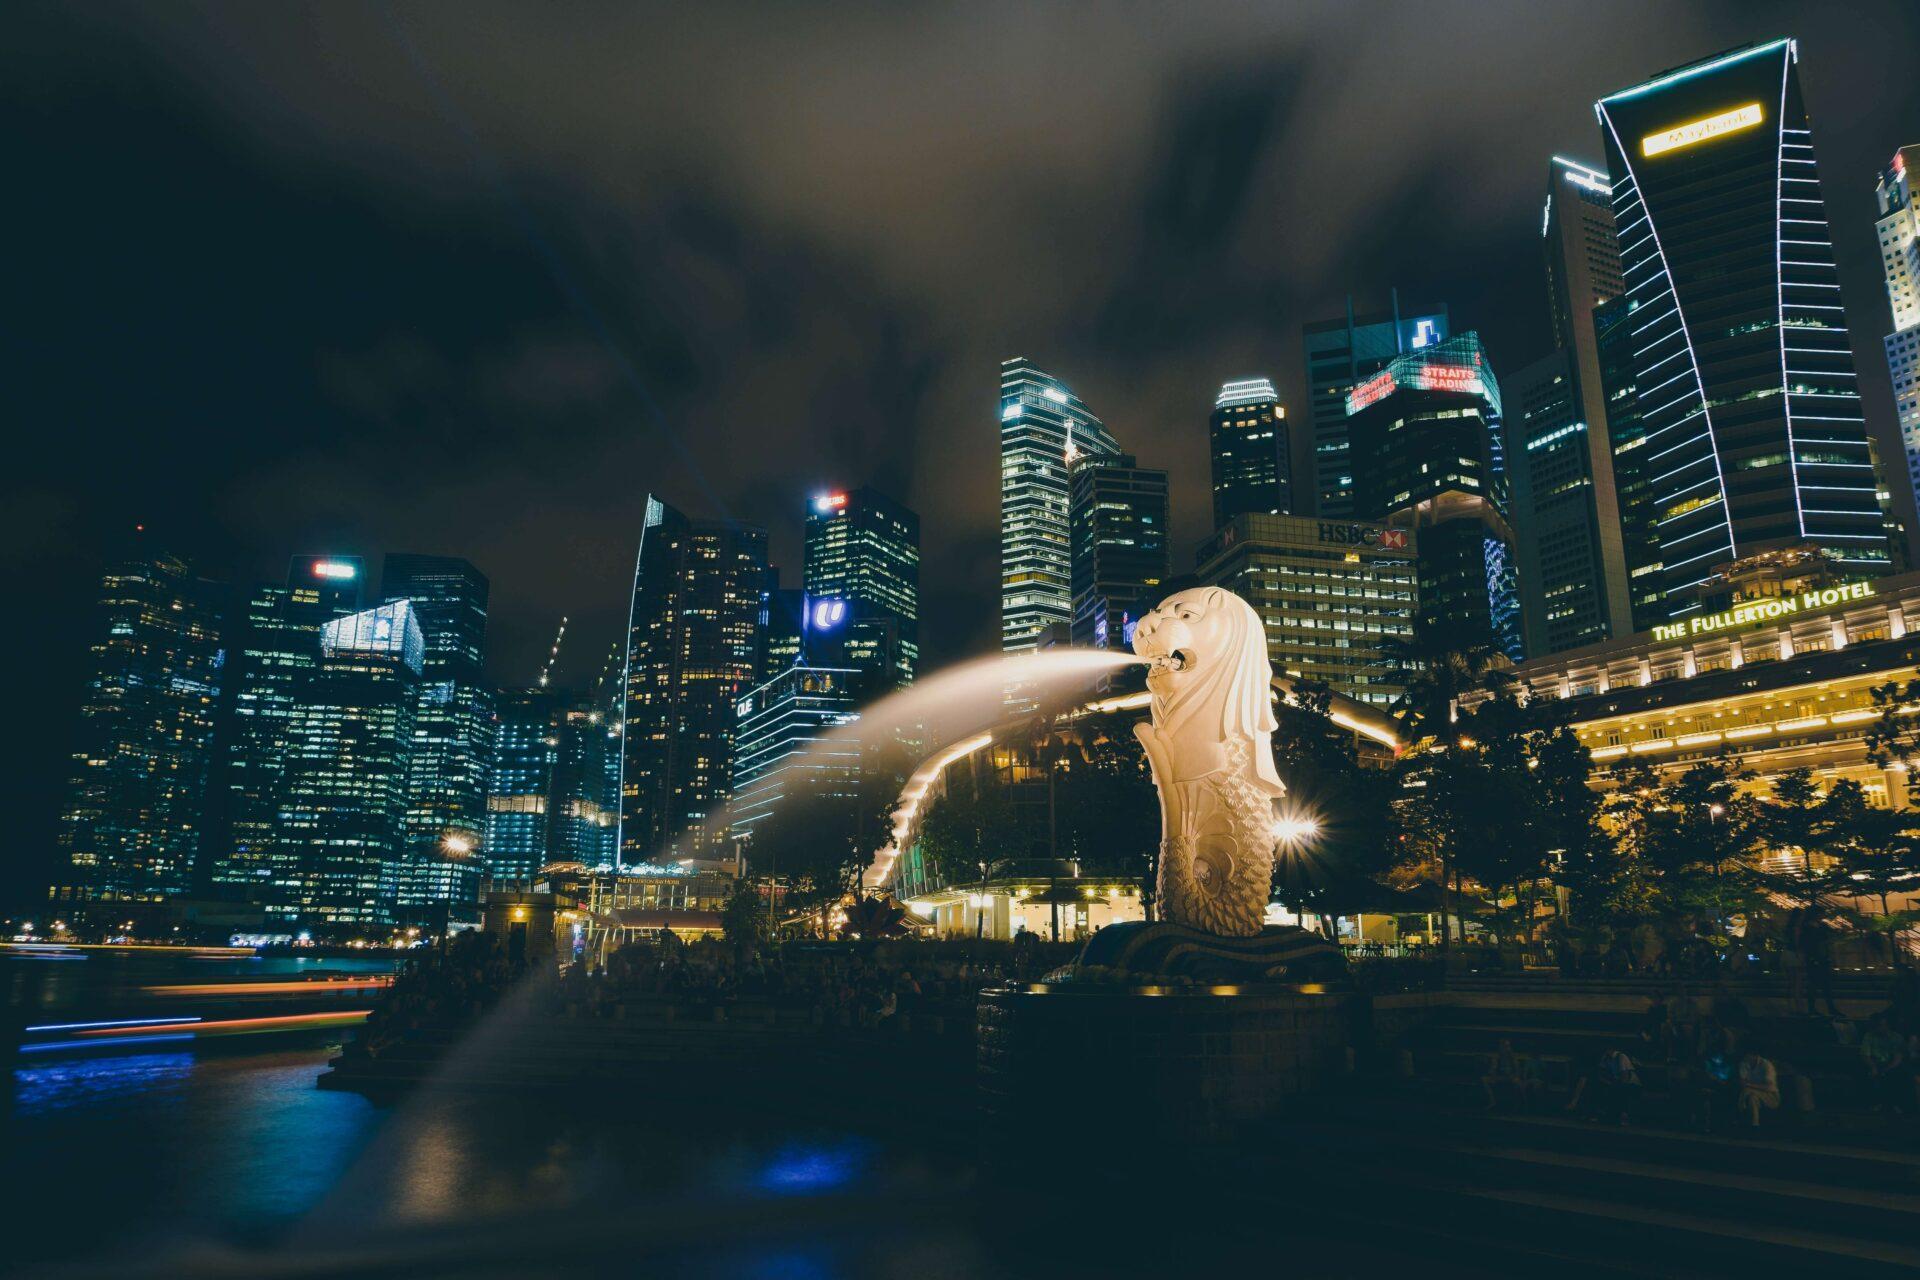 ANAマイルでシンガポール航空の予約をする方法!使用機材や注意点もご紹介